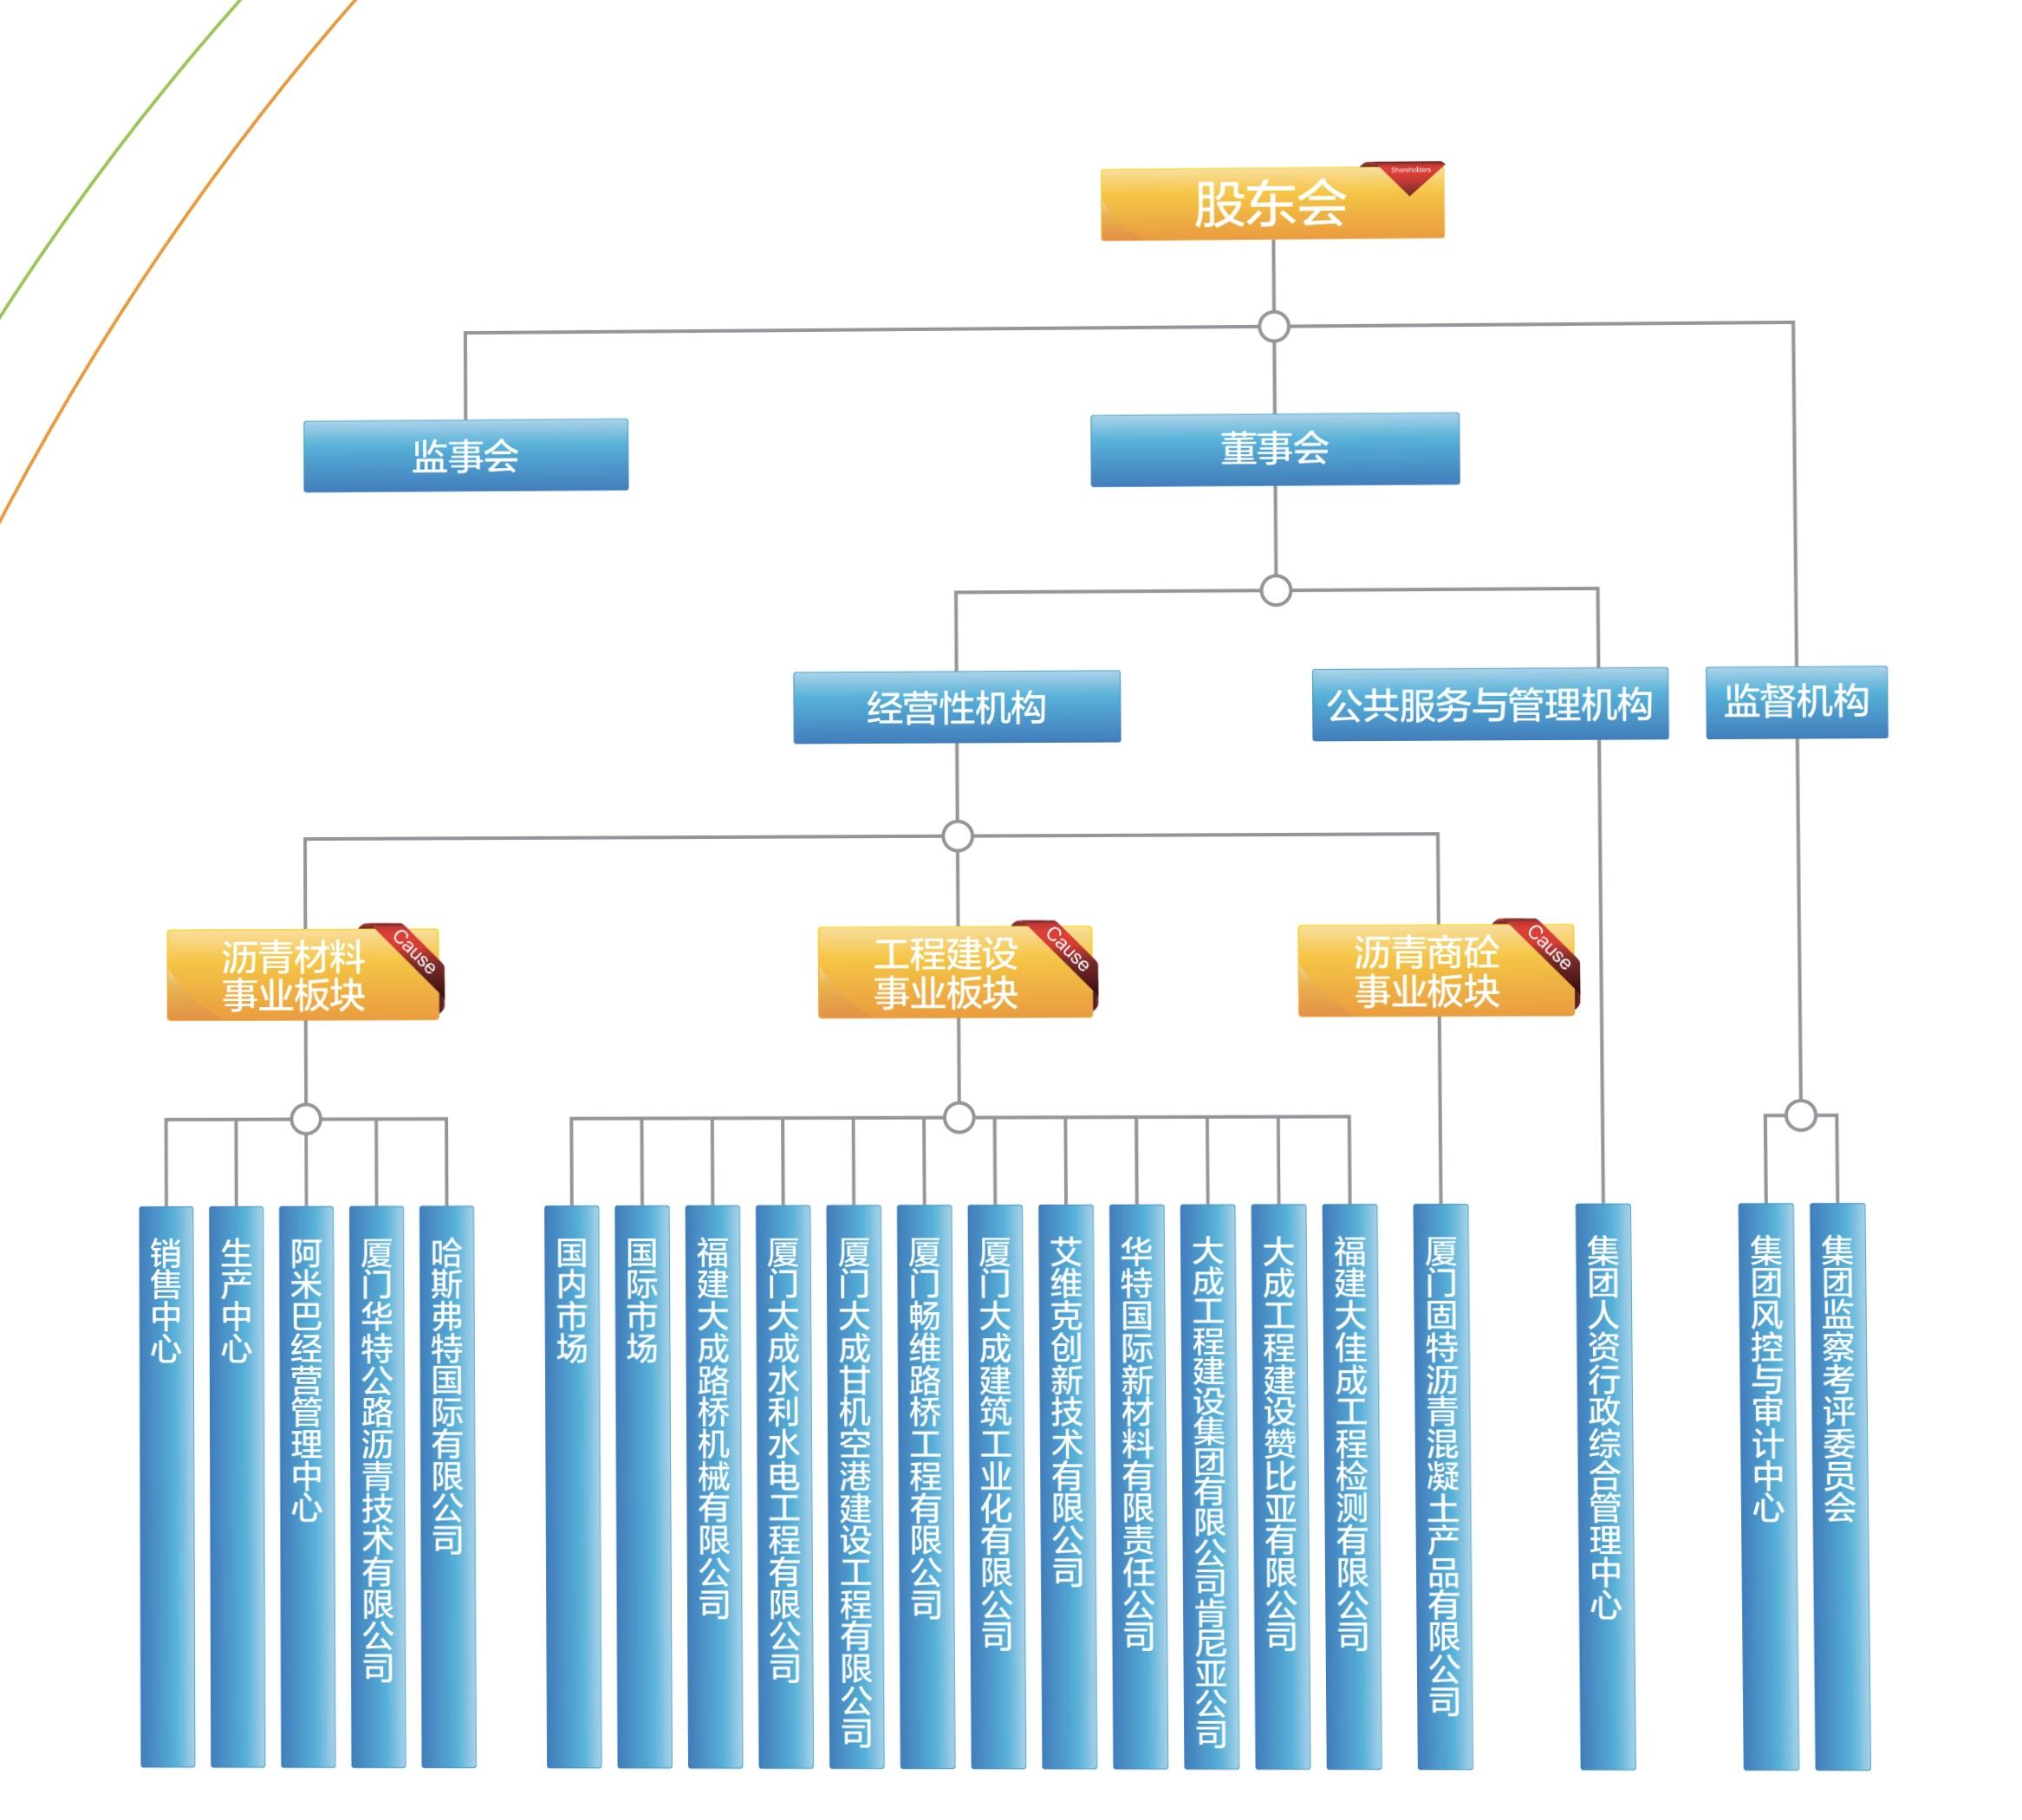 控股组织架构图.jpg